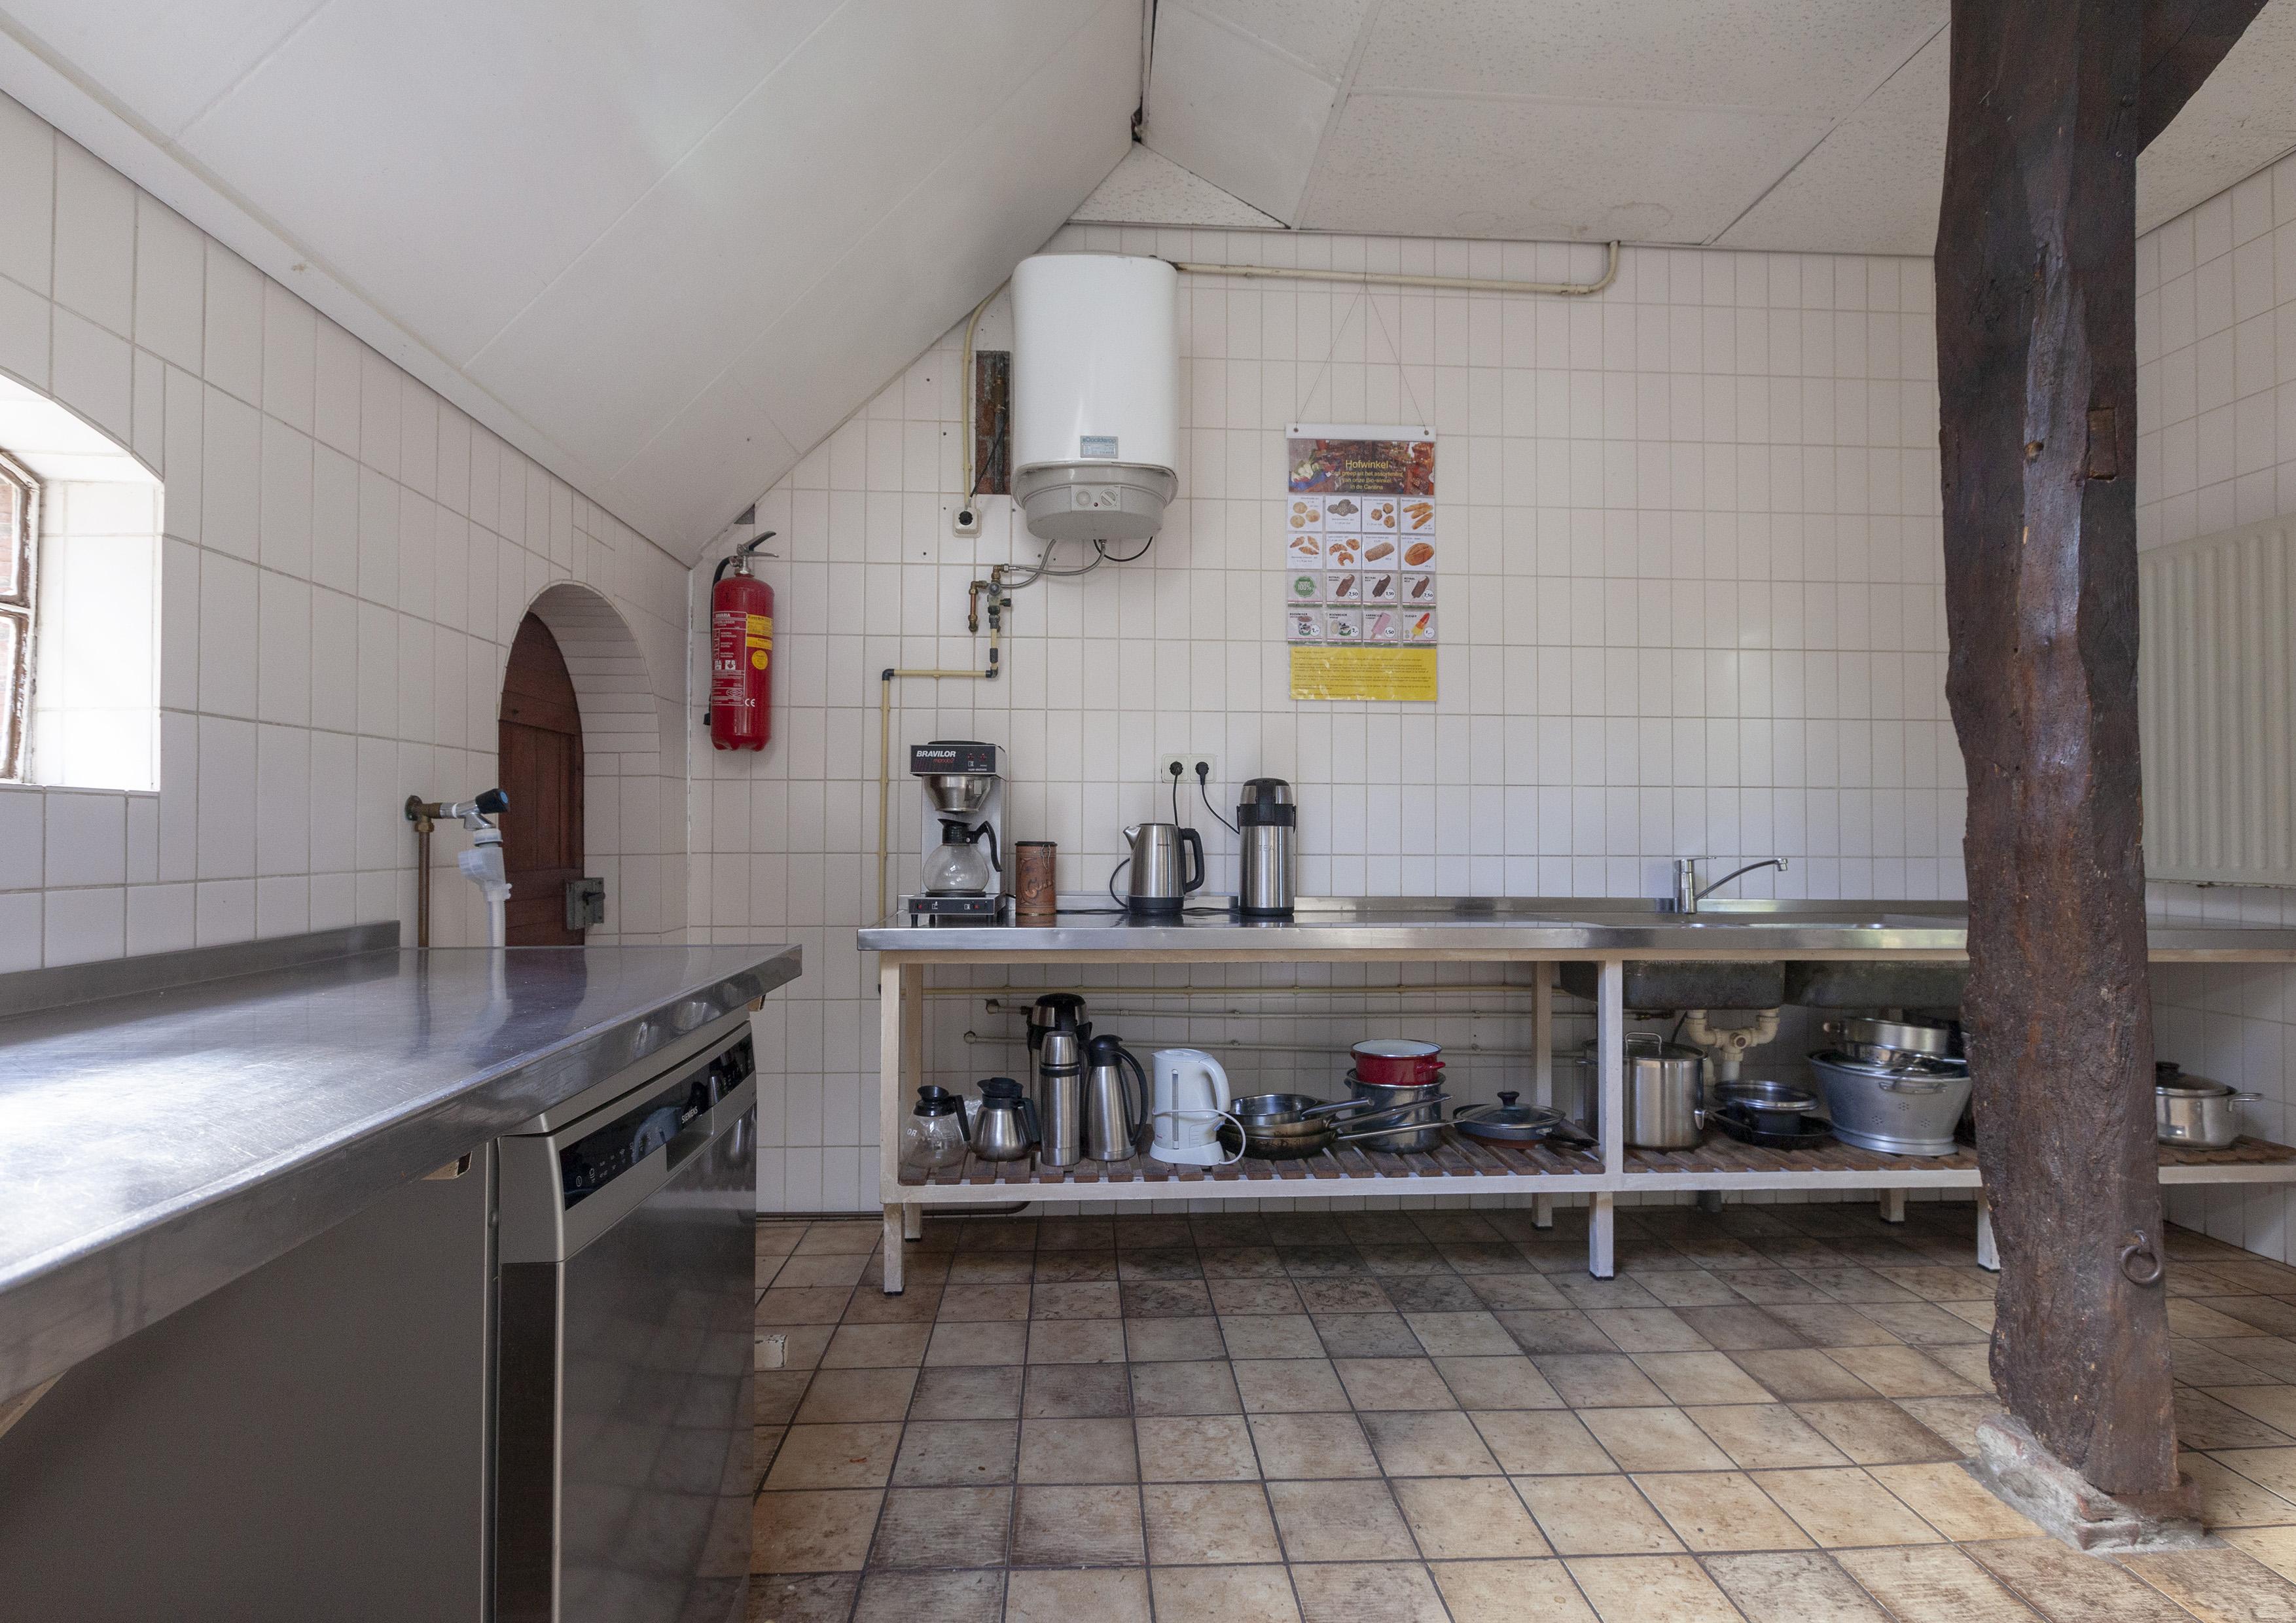 11 volledig ingerichte keuken met vaatwasser en horeca koffiezetapparaat